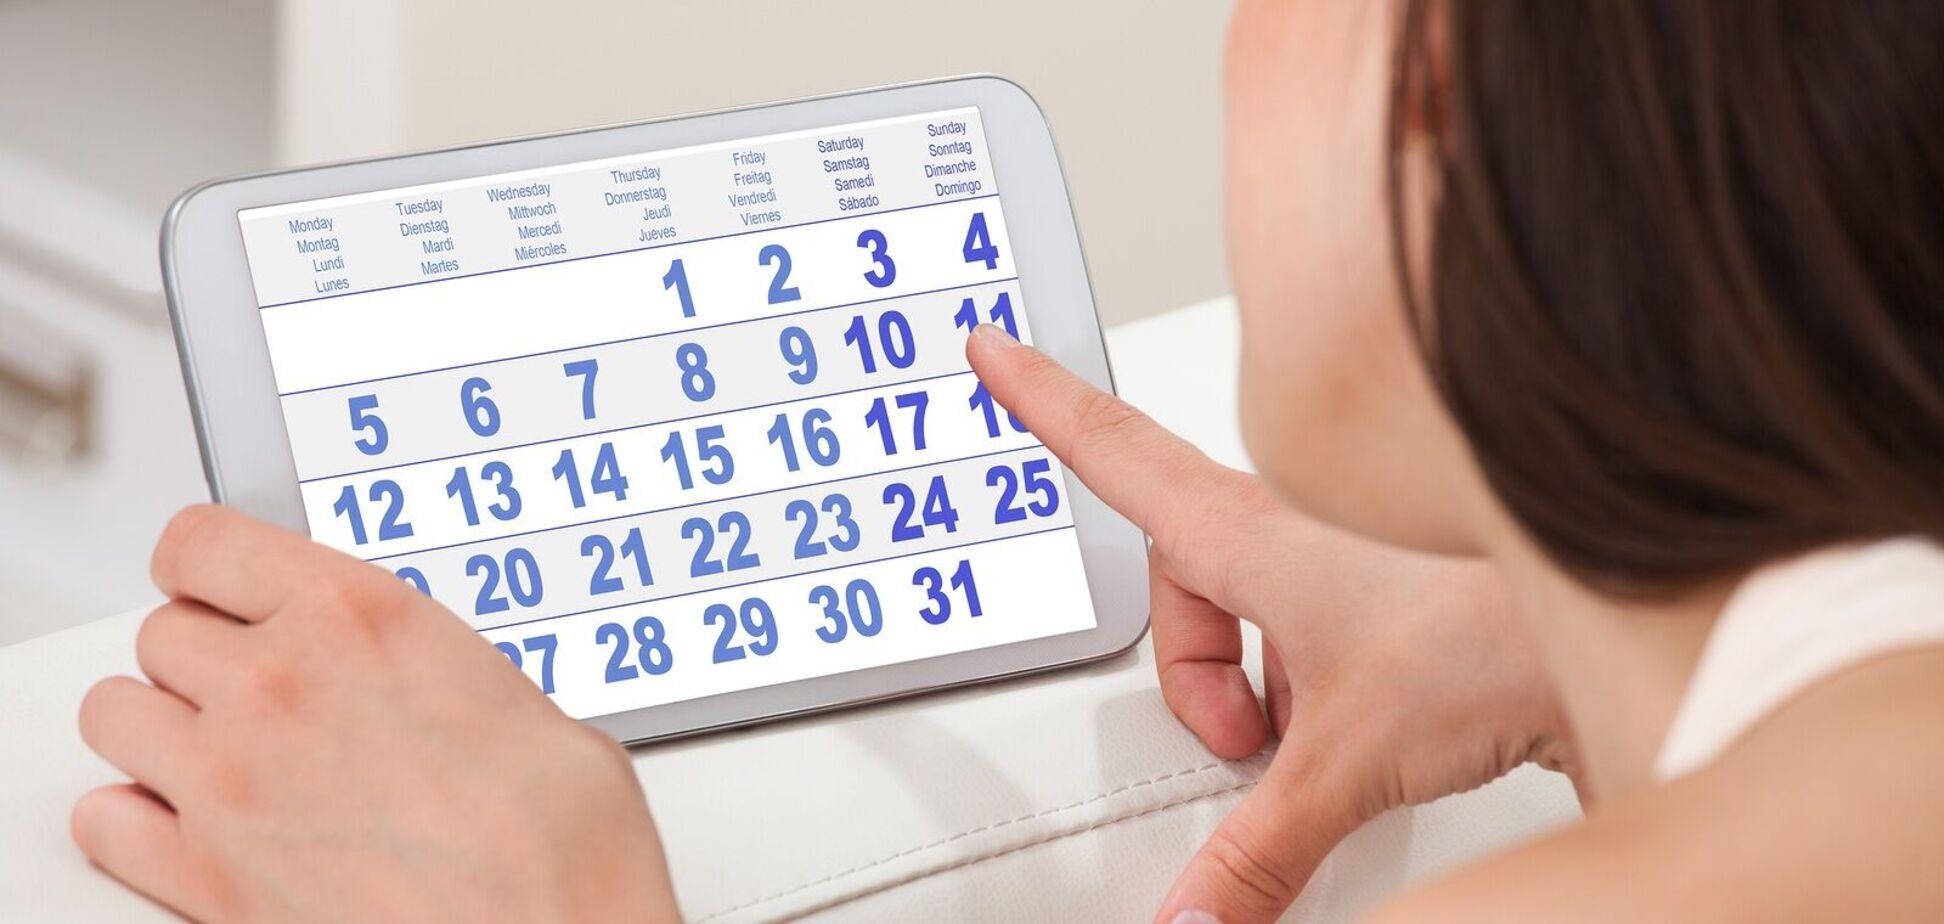 Нерегулярные менструации могут быть связаны с риском ранней смерти– ученые